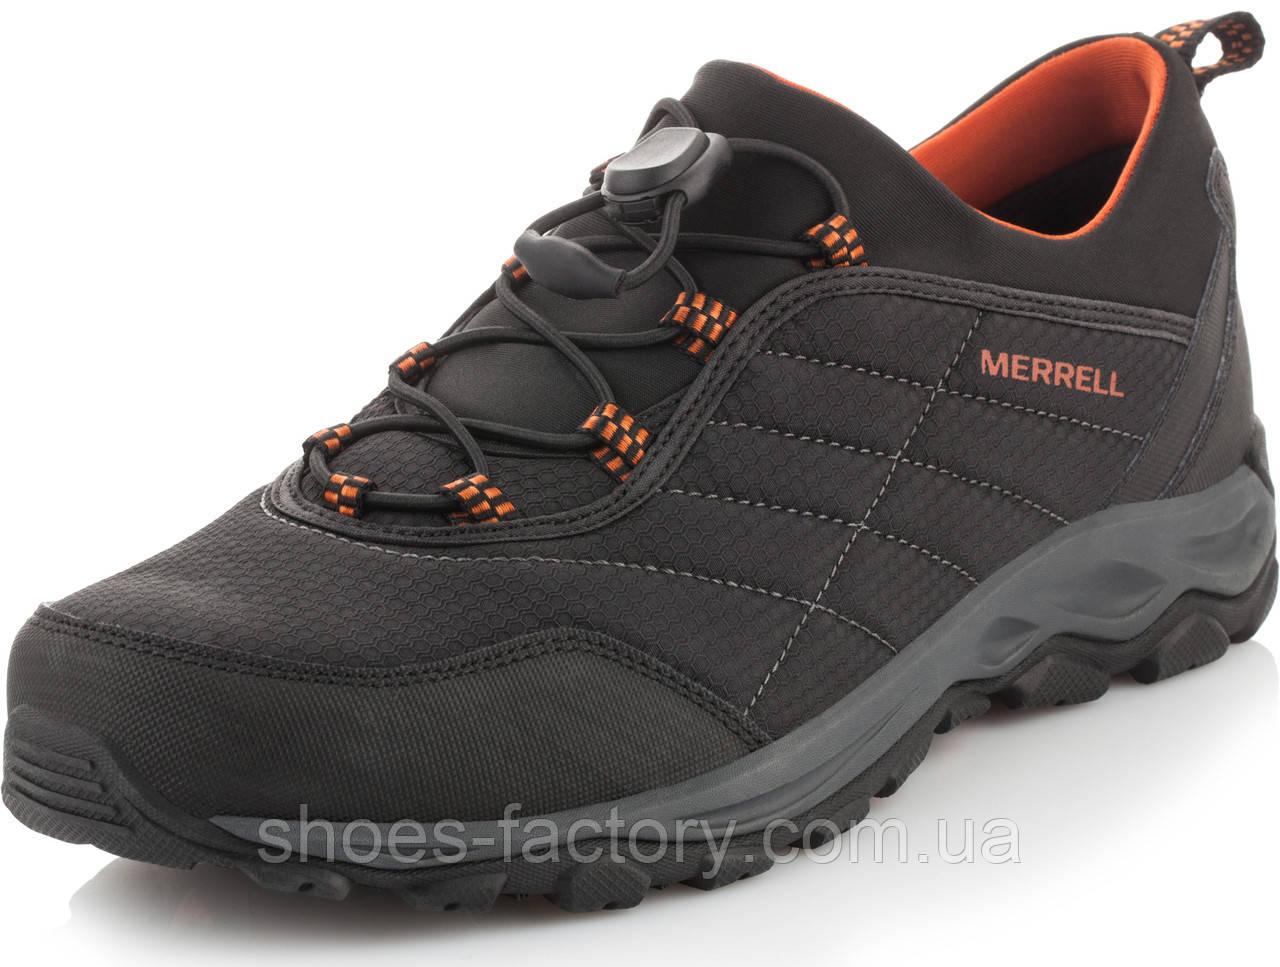 Мужские кроссовки Merrell Ice Cap 4 Strech Moc, (Зимние) Оригинал J09631